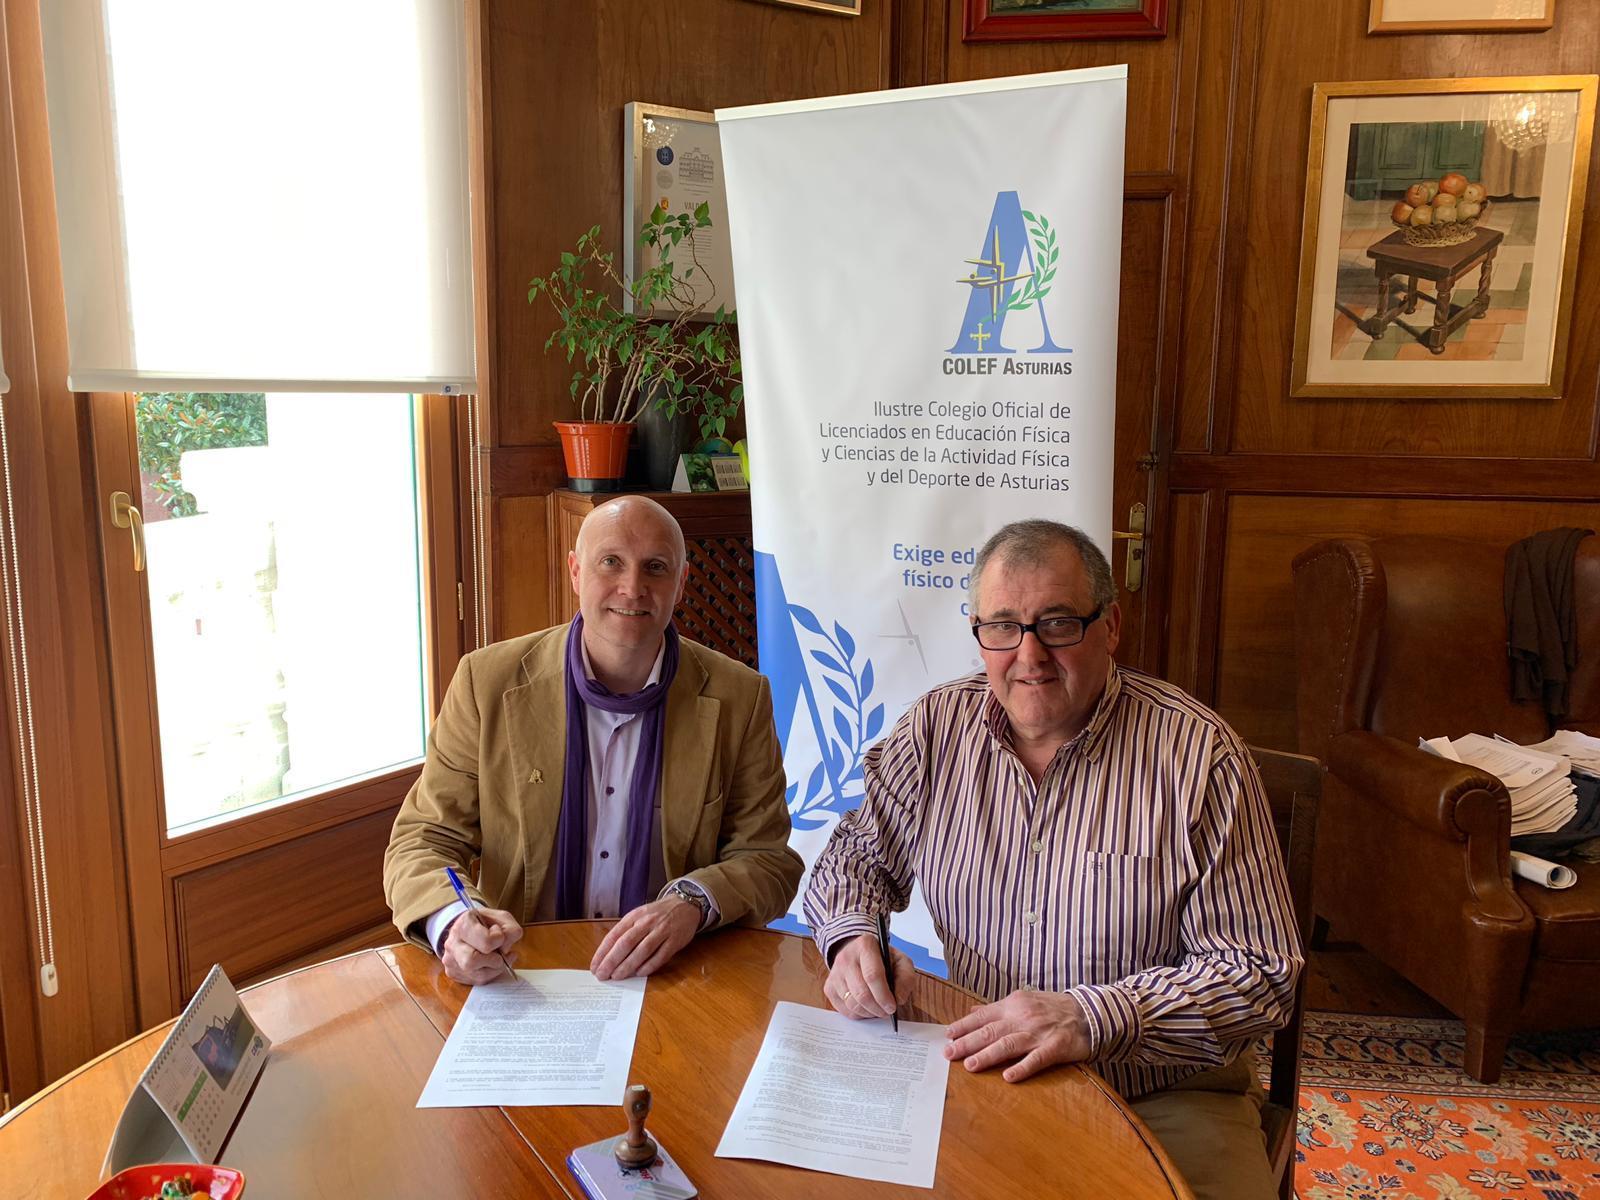 Firma del Convenio Colef y Ayuntamiento de Valdés para realizar actividades Físicas y Deportivas